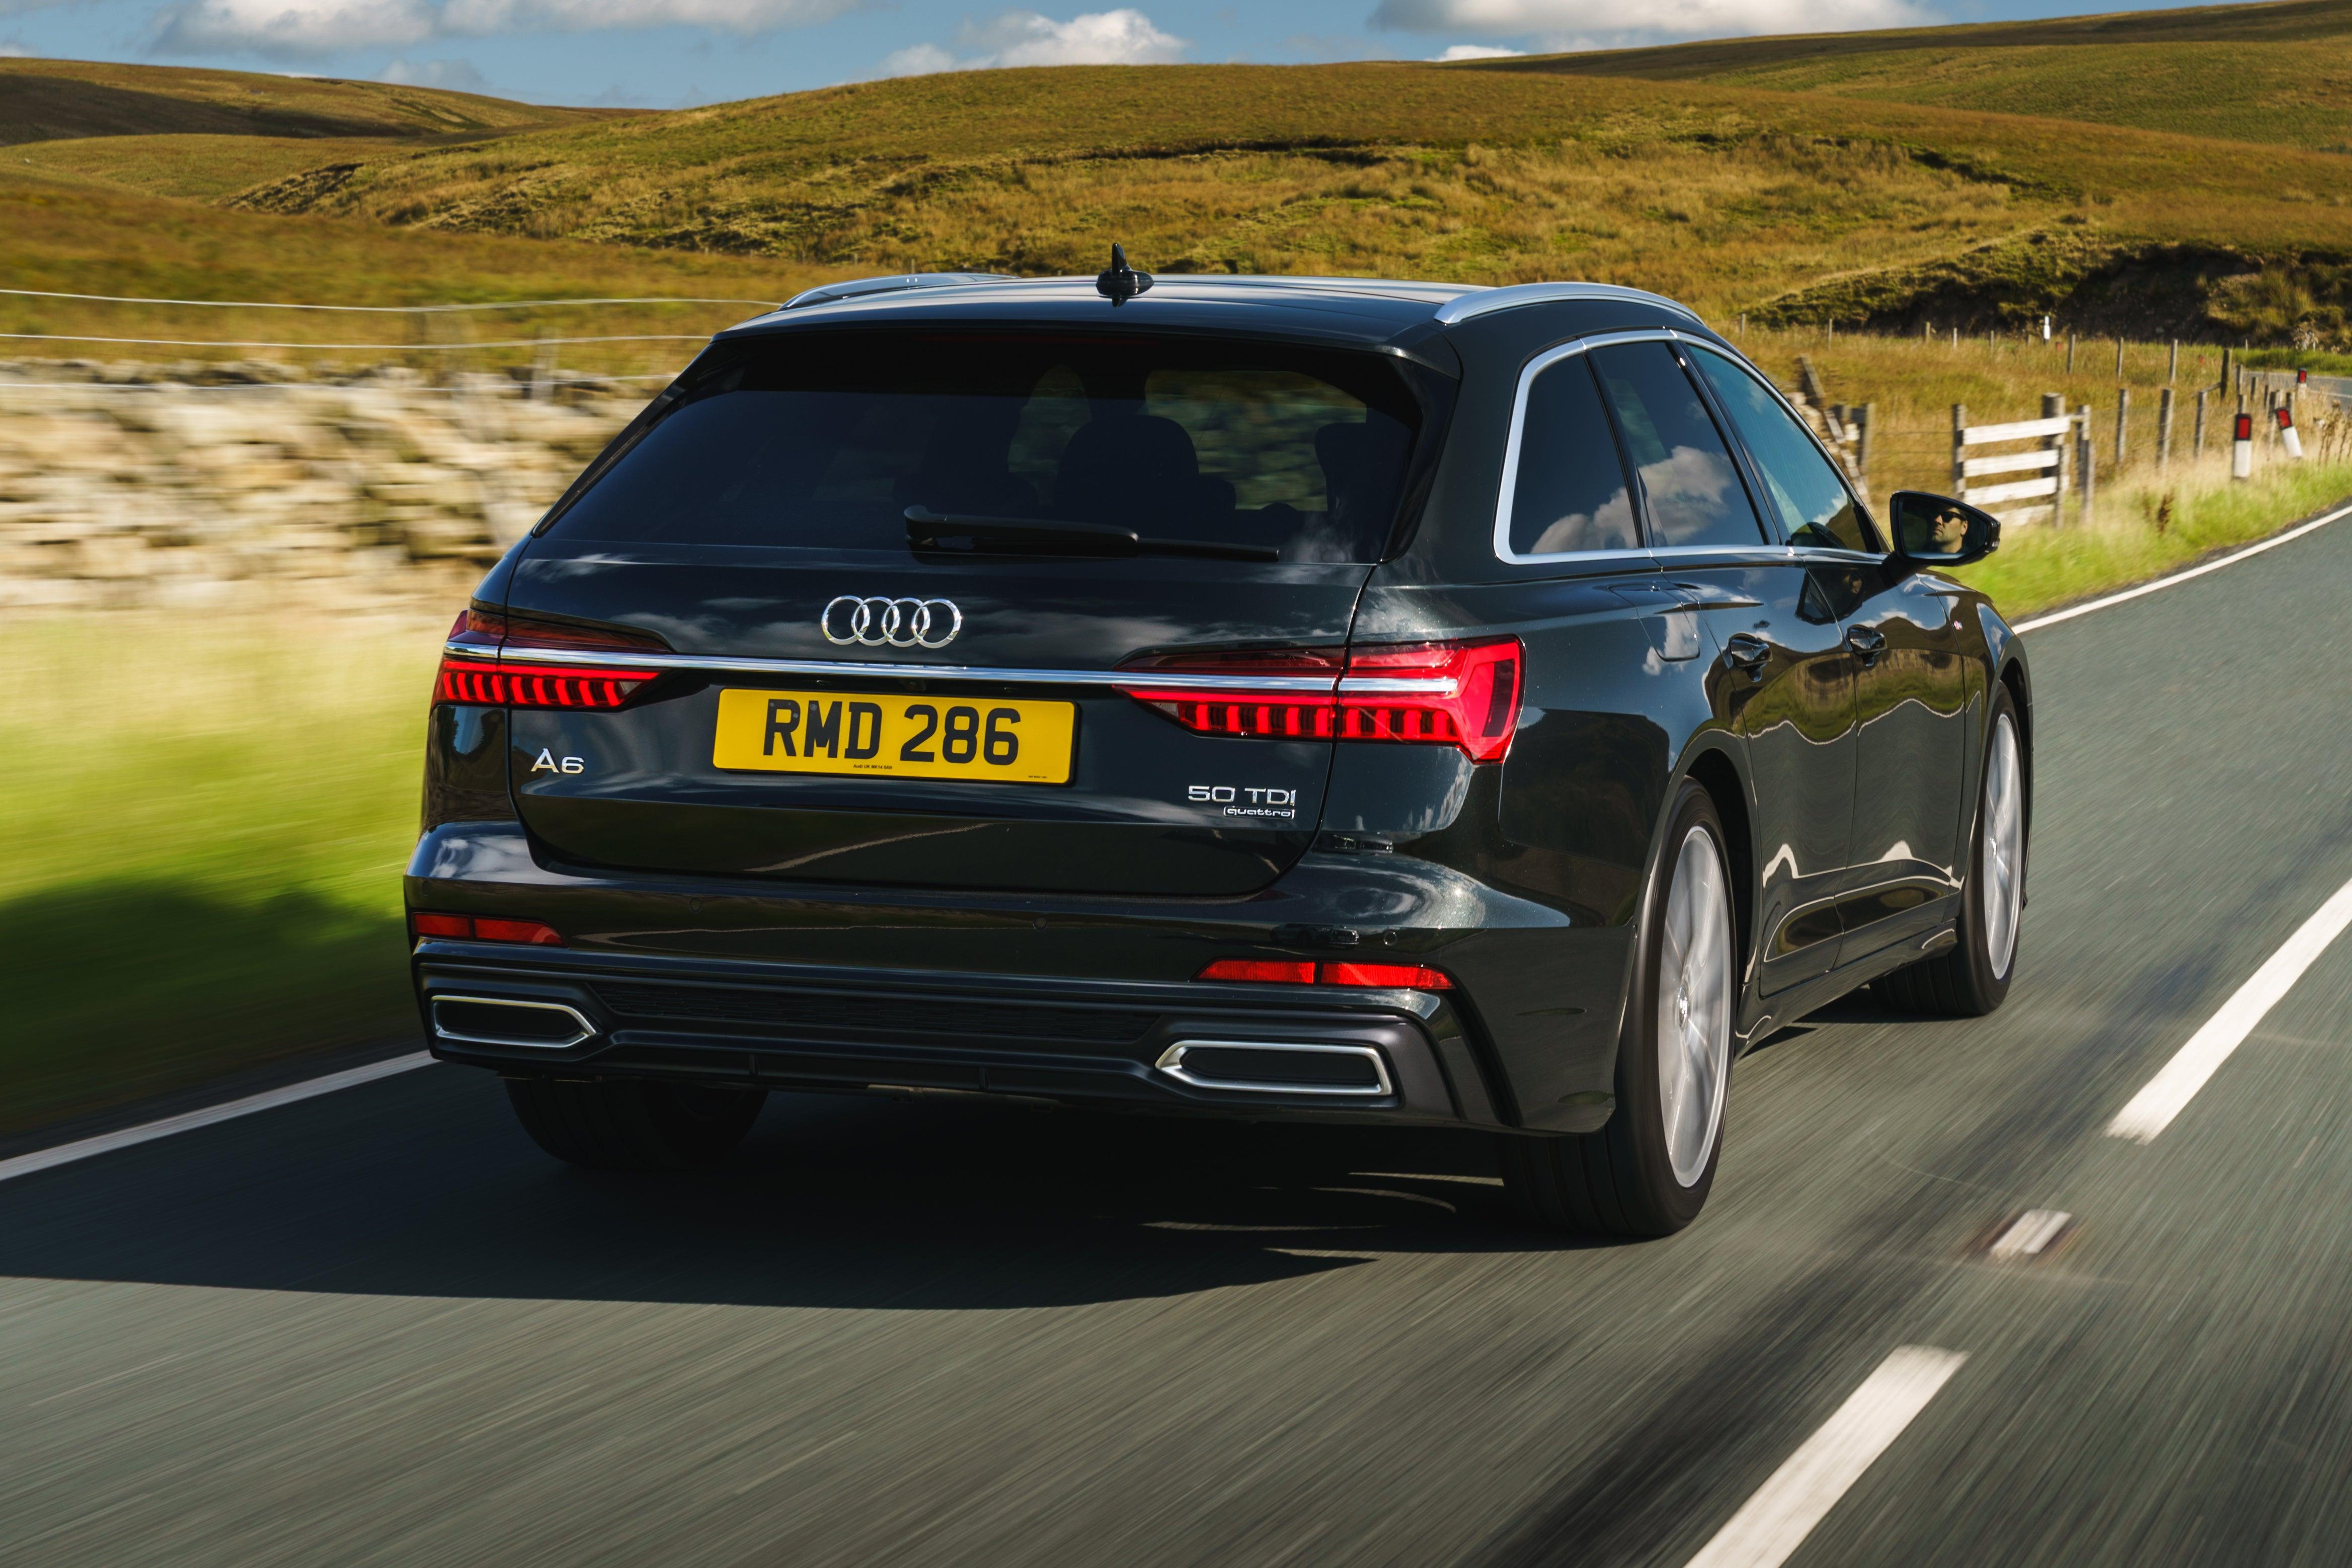 Audi A6 Avant Driving Back